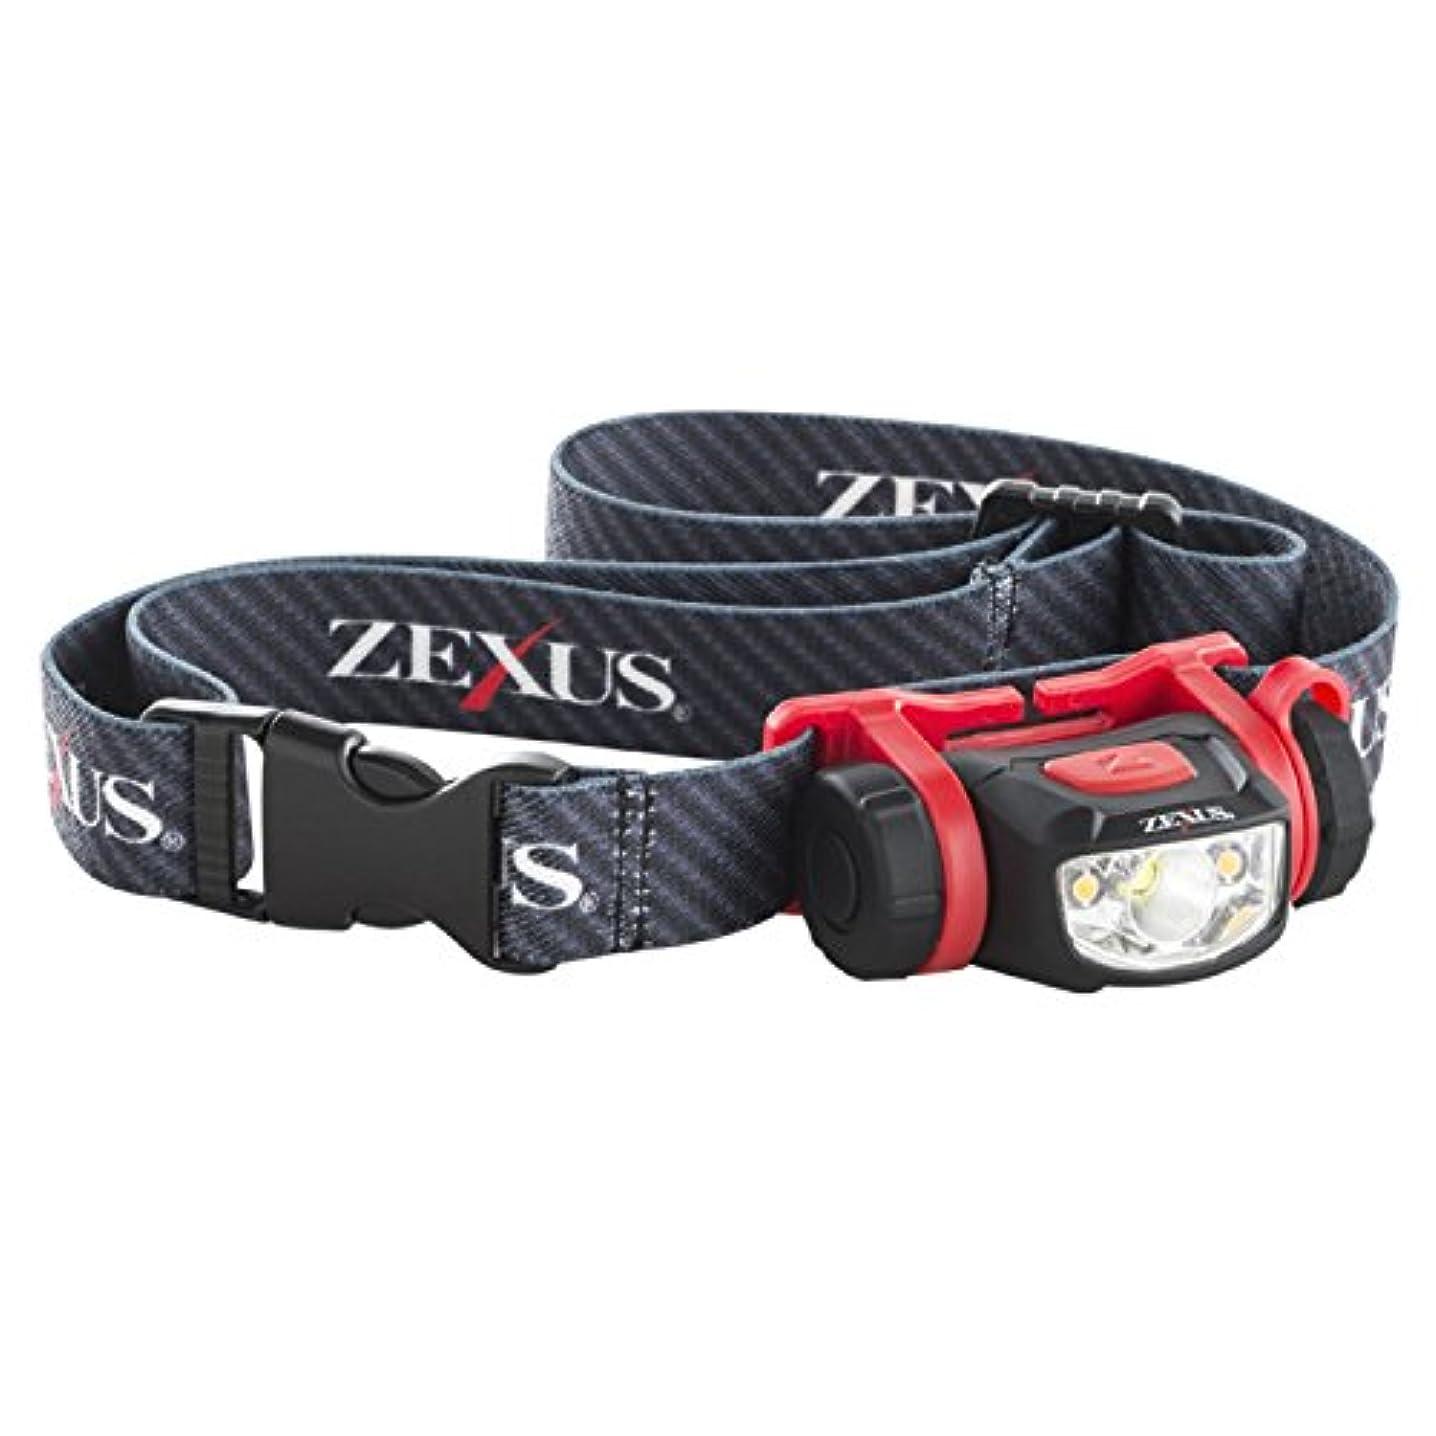 乗算時間とともに層冨士灯器 ゼクサス LEDライト ZX-S250 スタンダードモデル